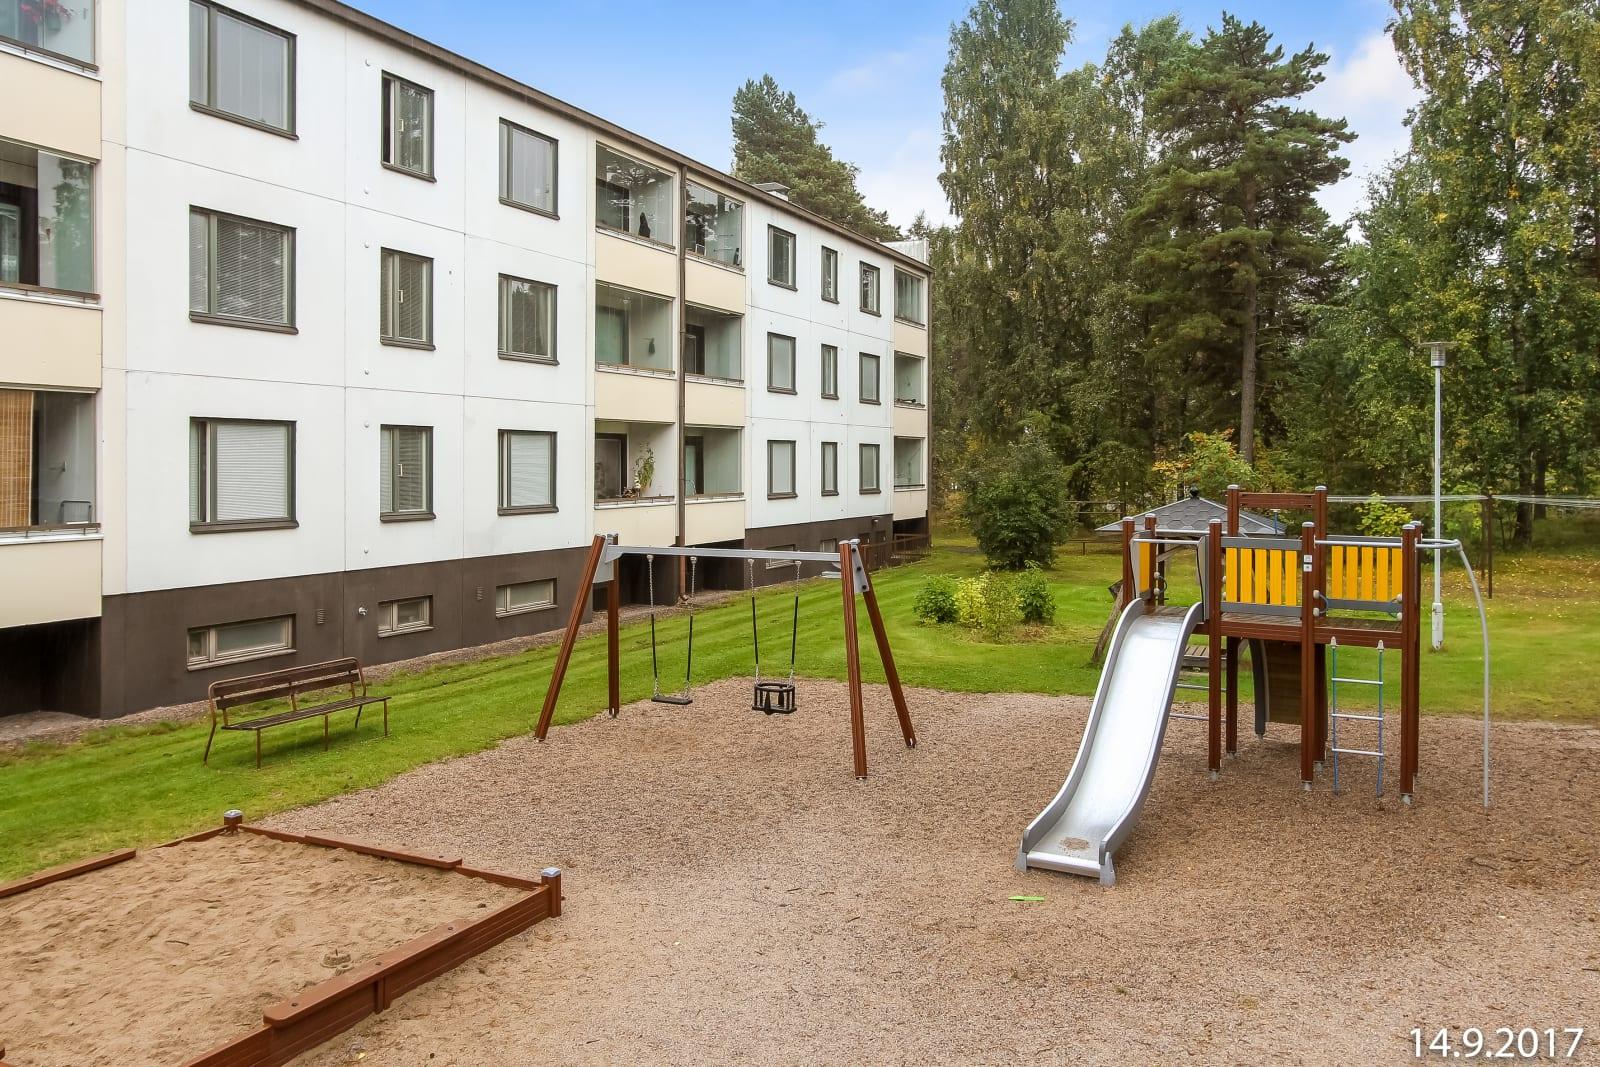 Helsinki, Myllypuro, Myllymatkantie 1